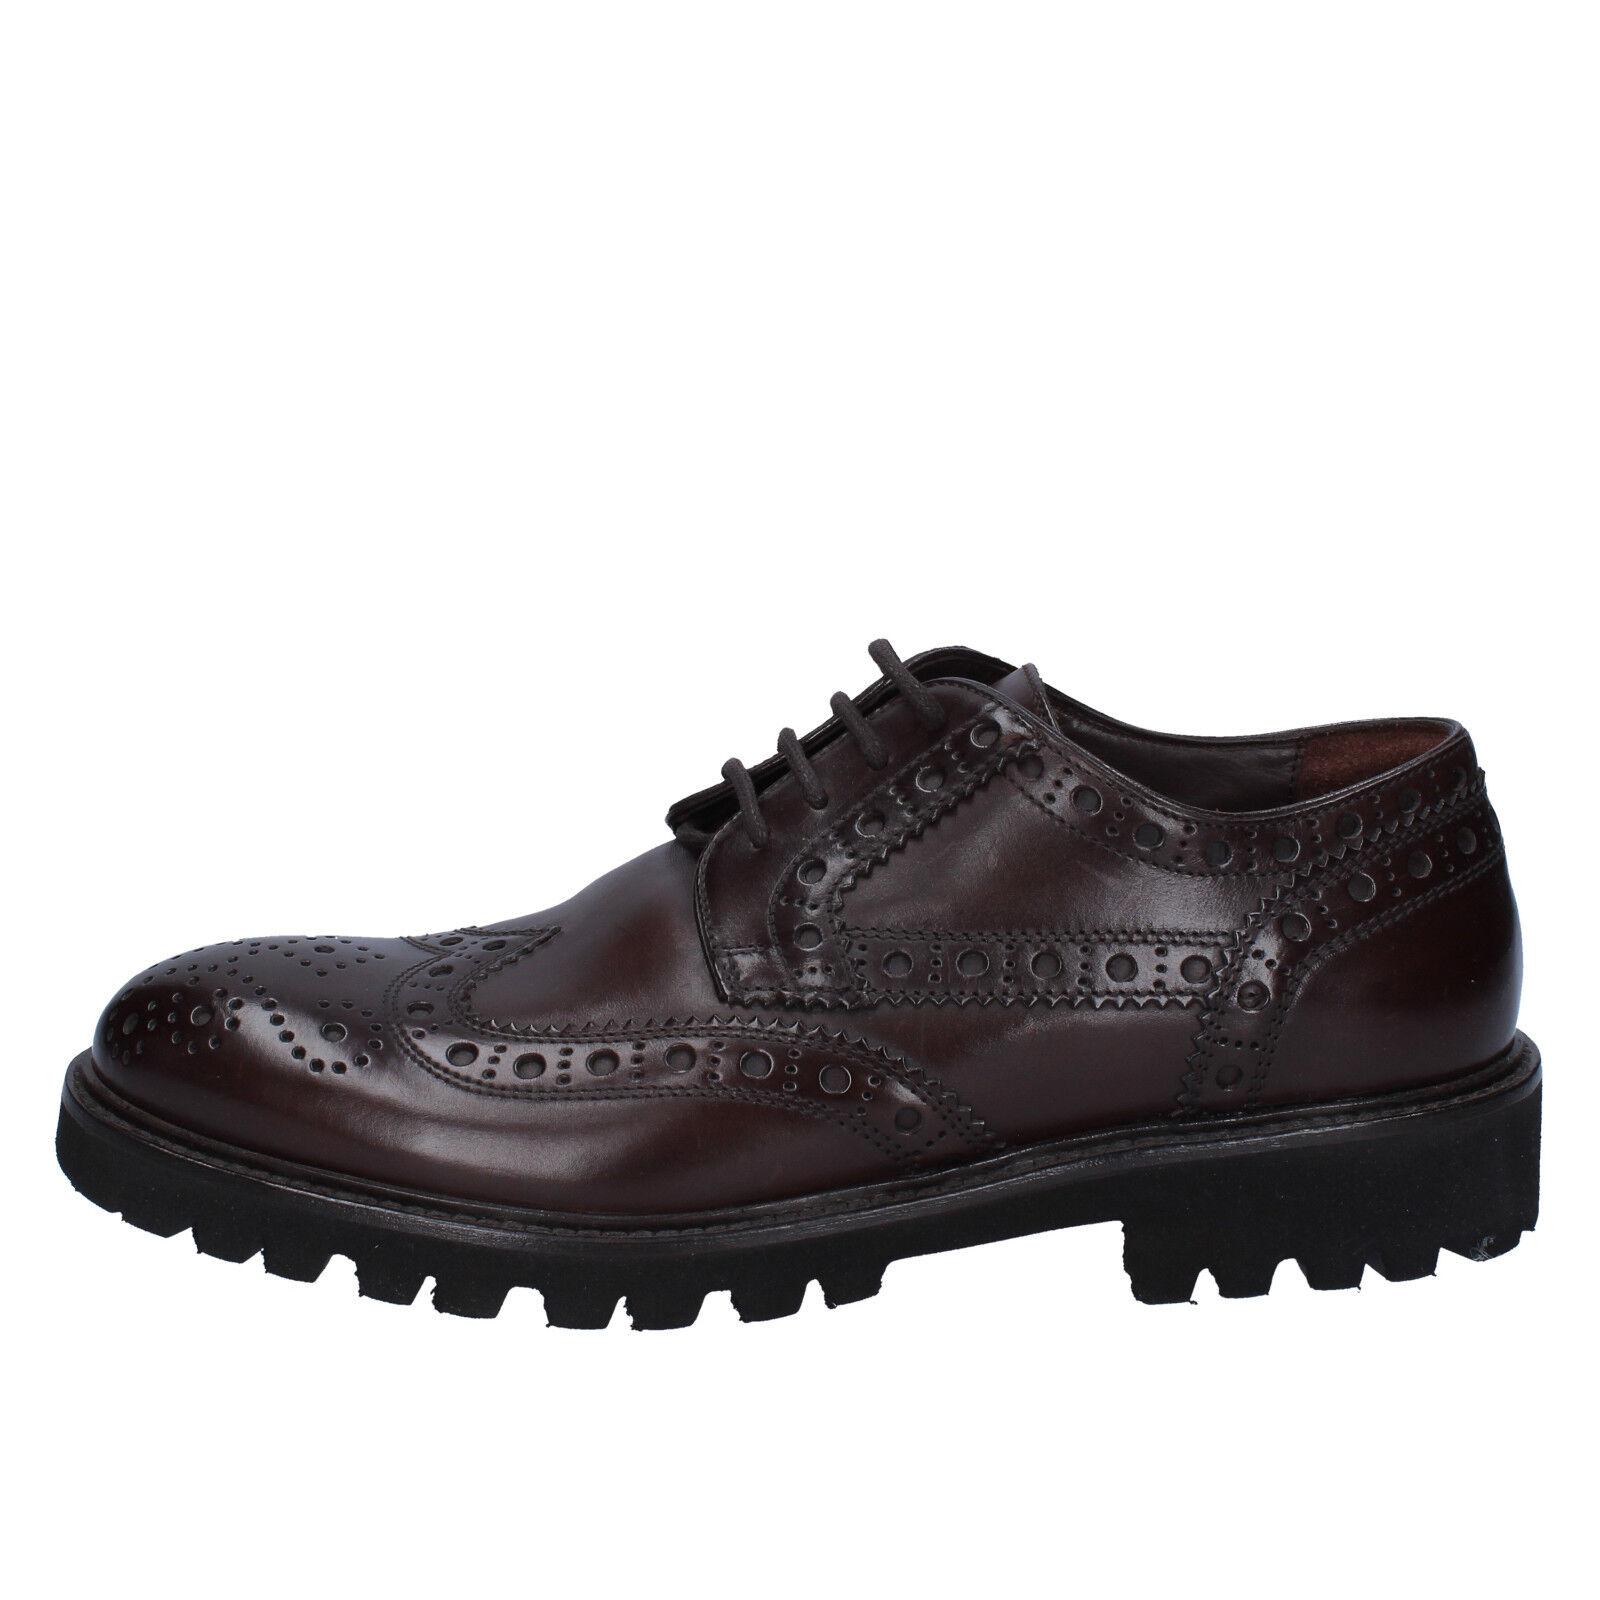 scarpe uomo TRIVER FLIGHT 39,5 BX570-39,5 EU classiche marrone pelle BX570-39,5 39,5 0868f0